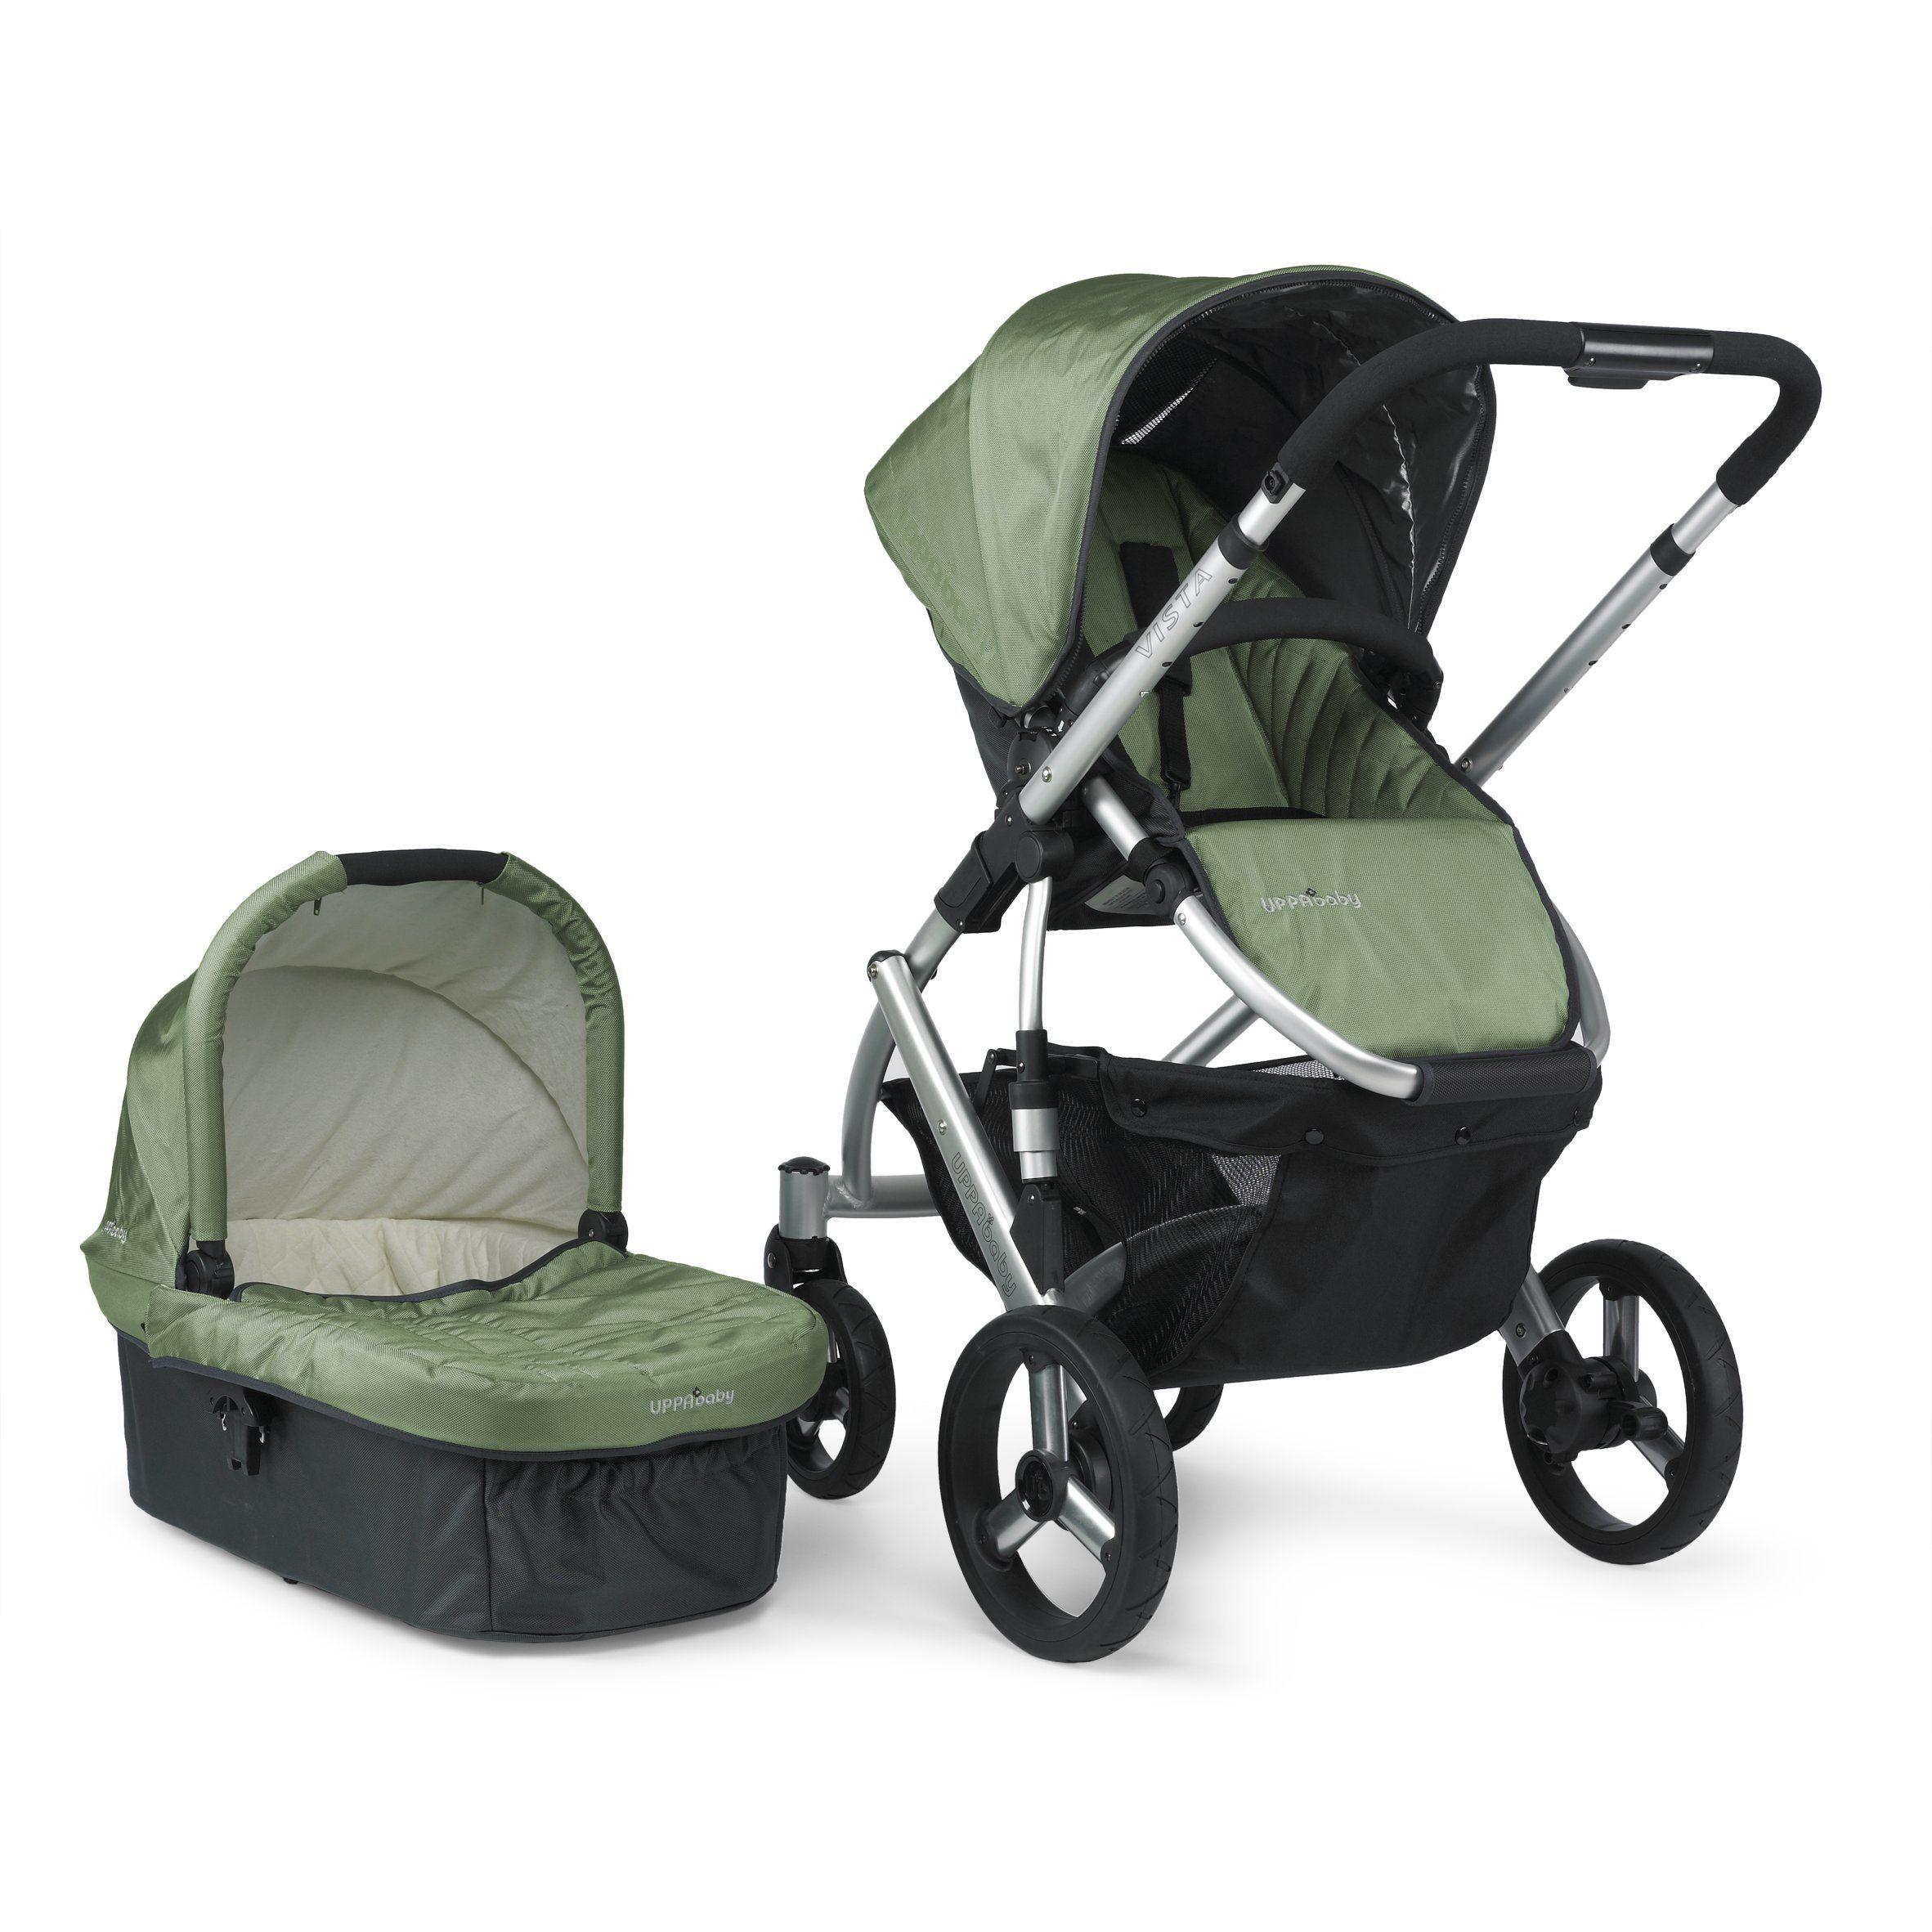 UPPAbaby Vista Stroller, Green Carlin Vista stroller